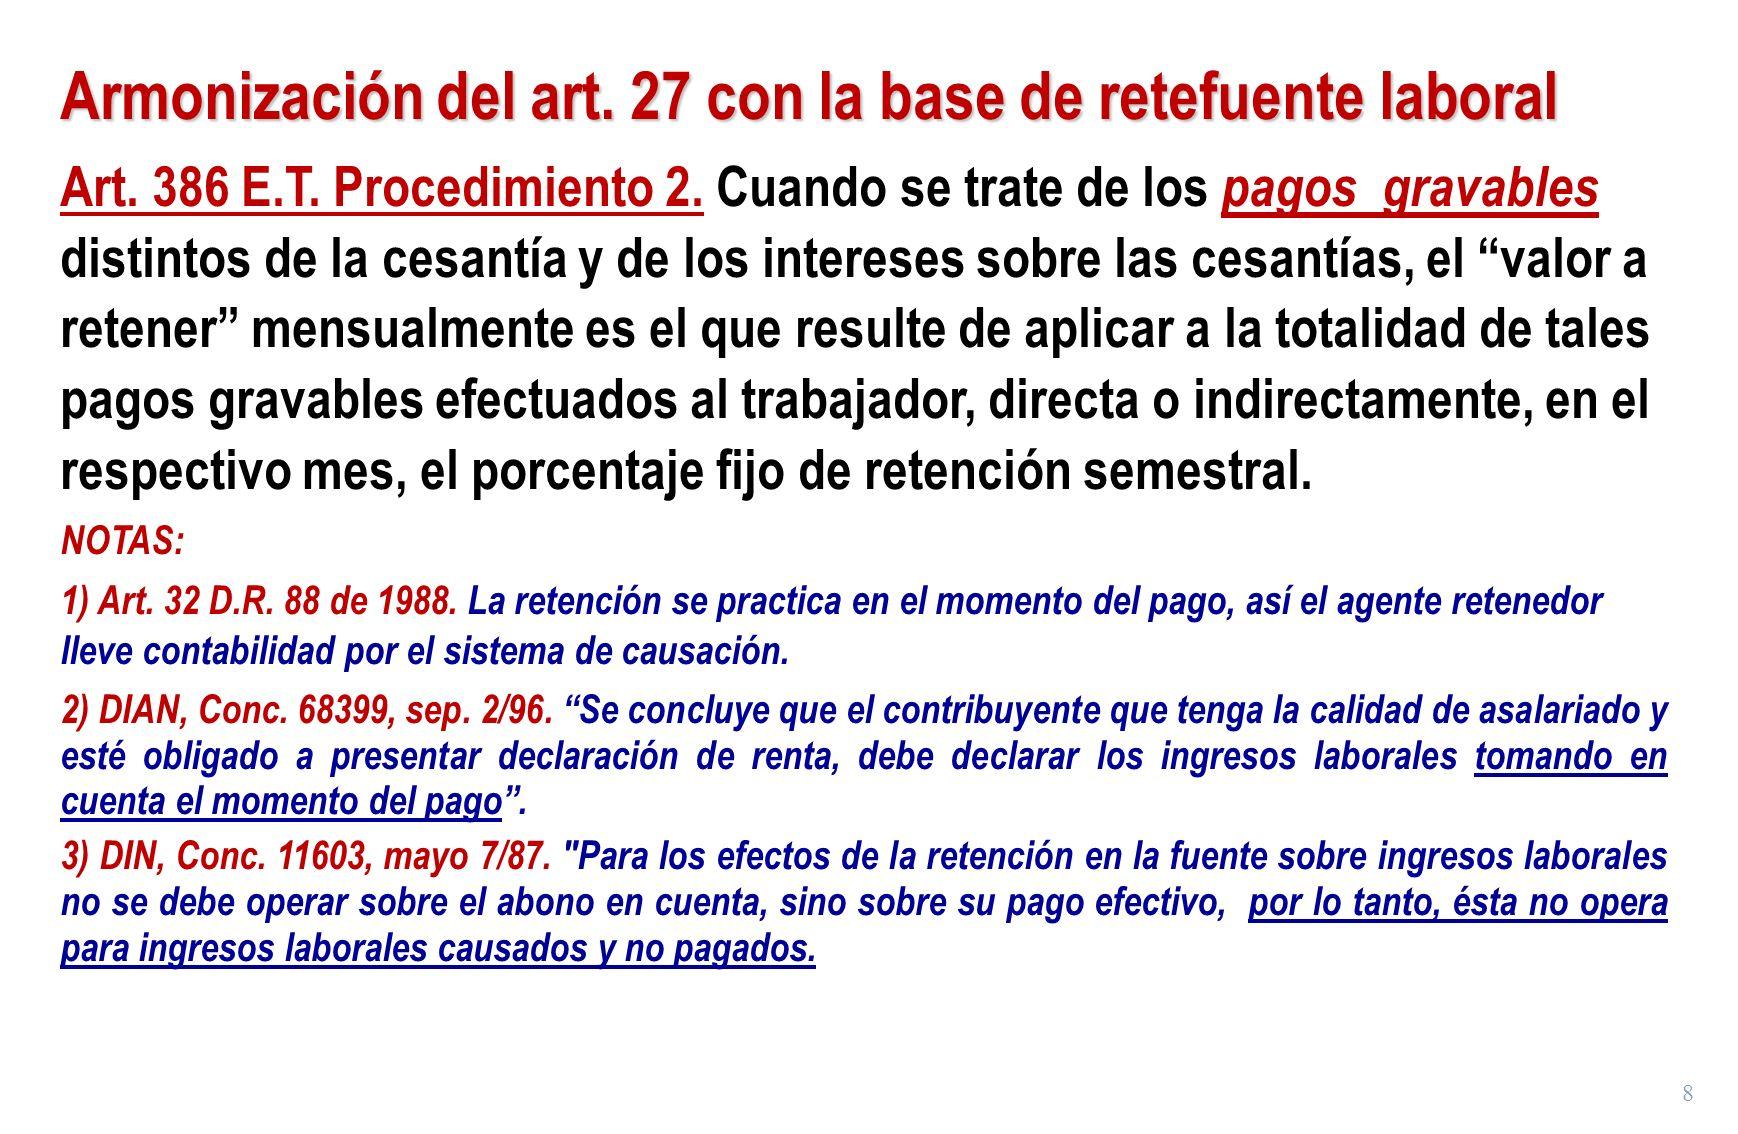 8 Armonización del art. 27 con la base de retefuente laboral Art. 386 E.T. Procedimiento 2. Cuando se trate de los pagos gravables distintos de la ces